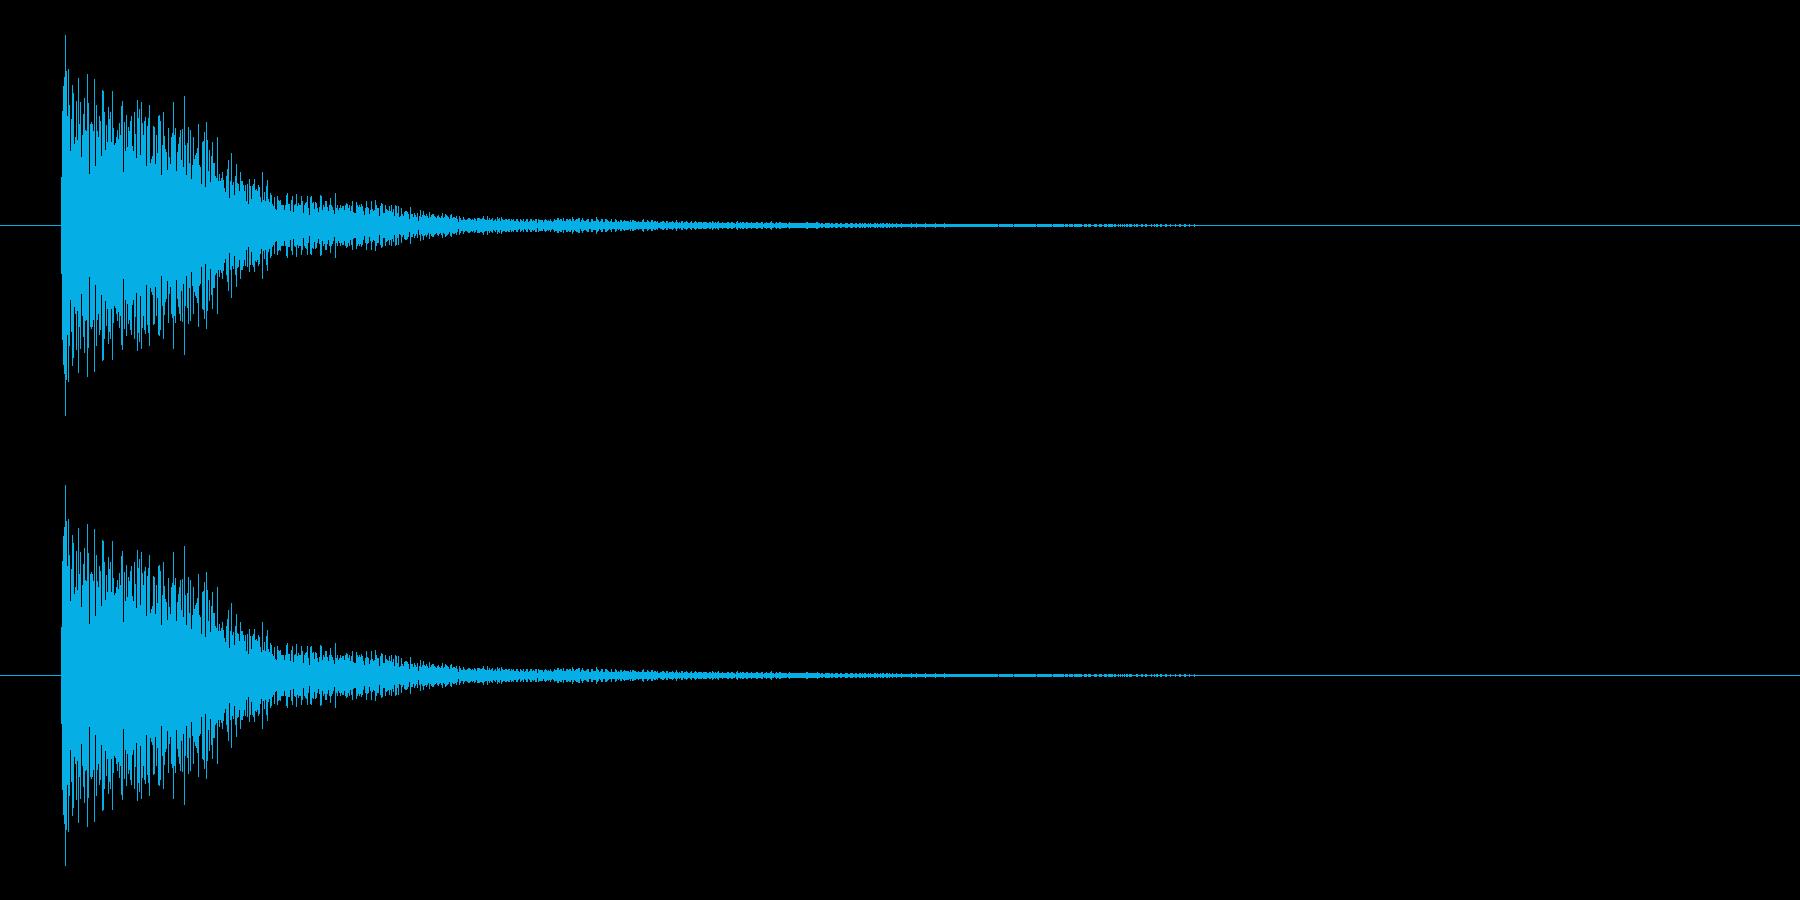 ジャーン(ピアノを適当に叩いた音)の再生済みの波形